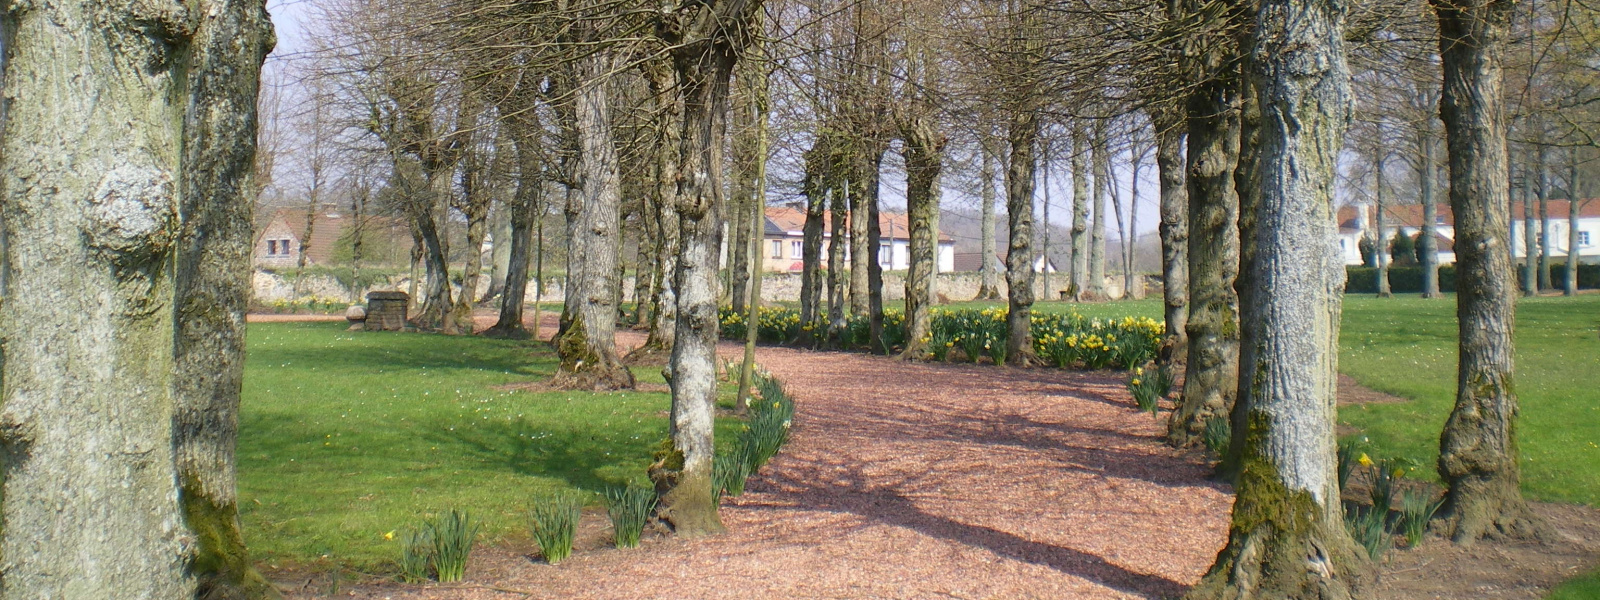 Commune de Ham-sur-Heure-Nalinnes | Parc Château Ham-sur-Heure printemps 1